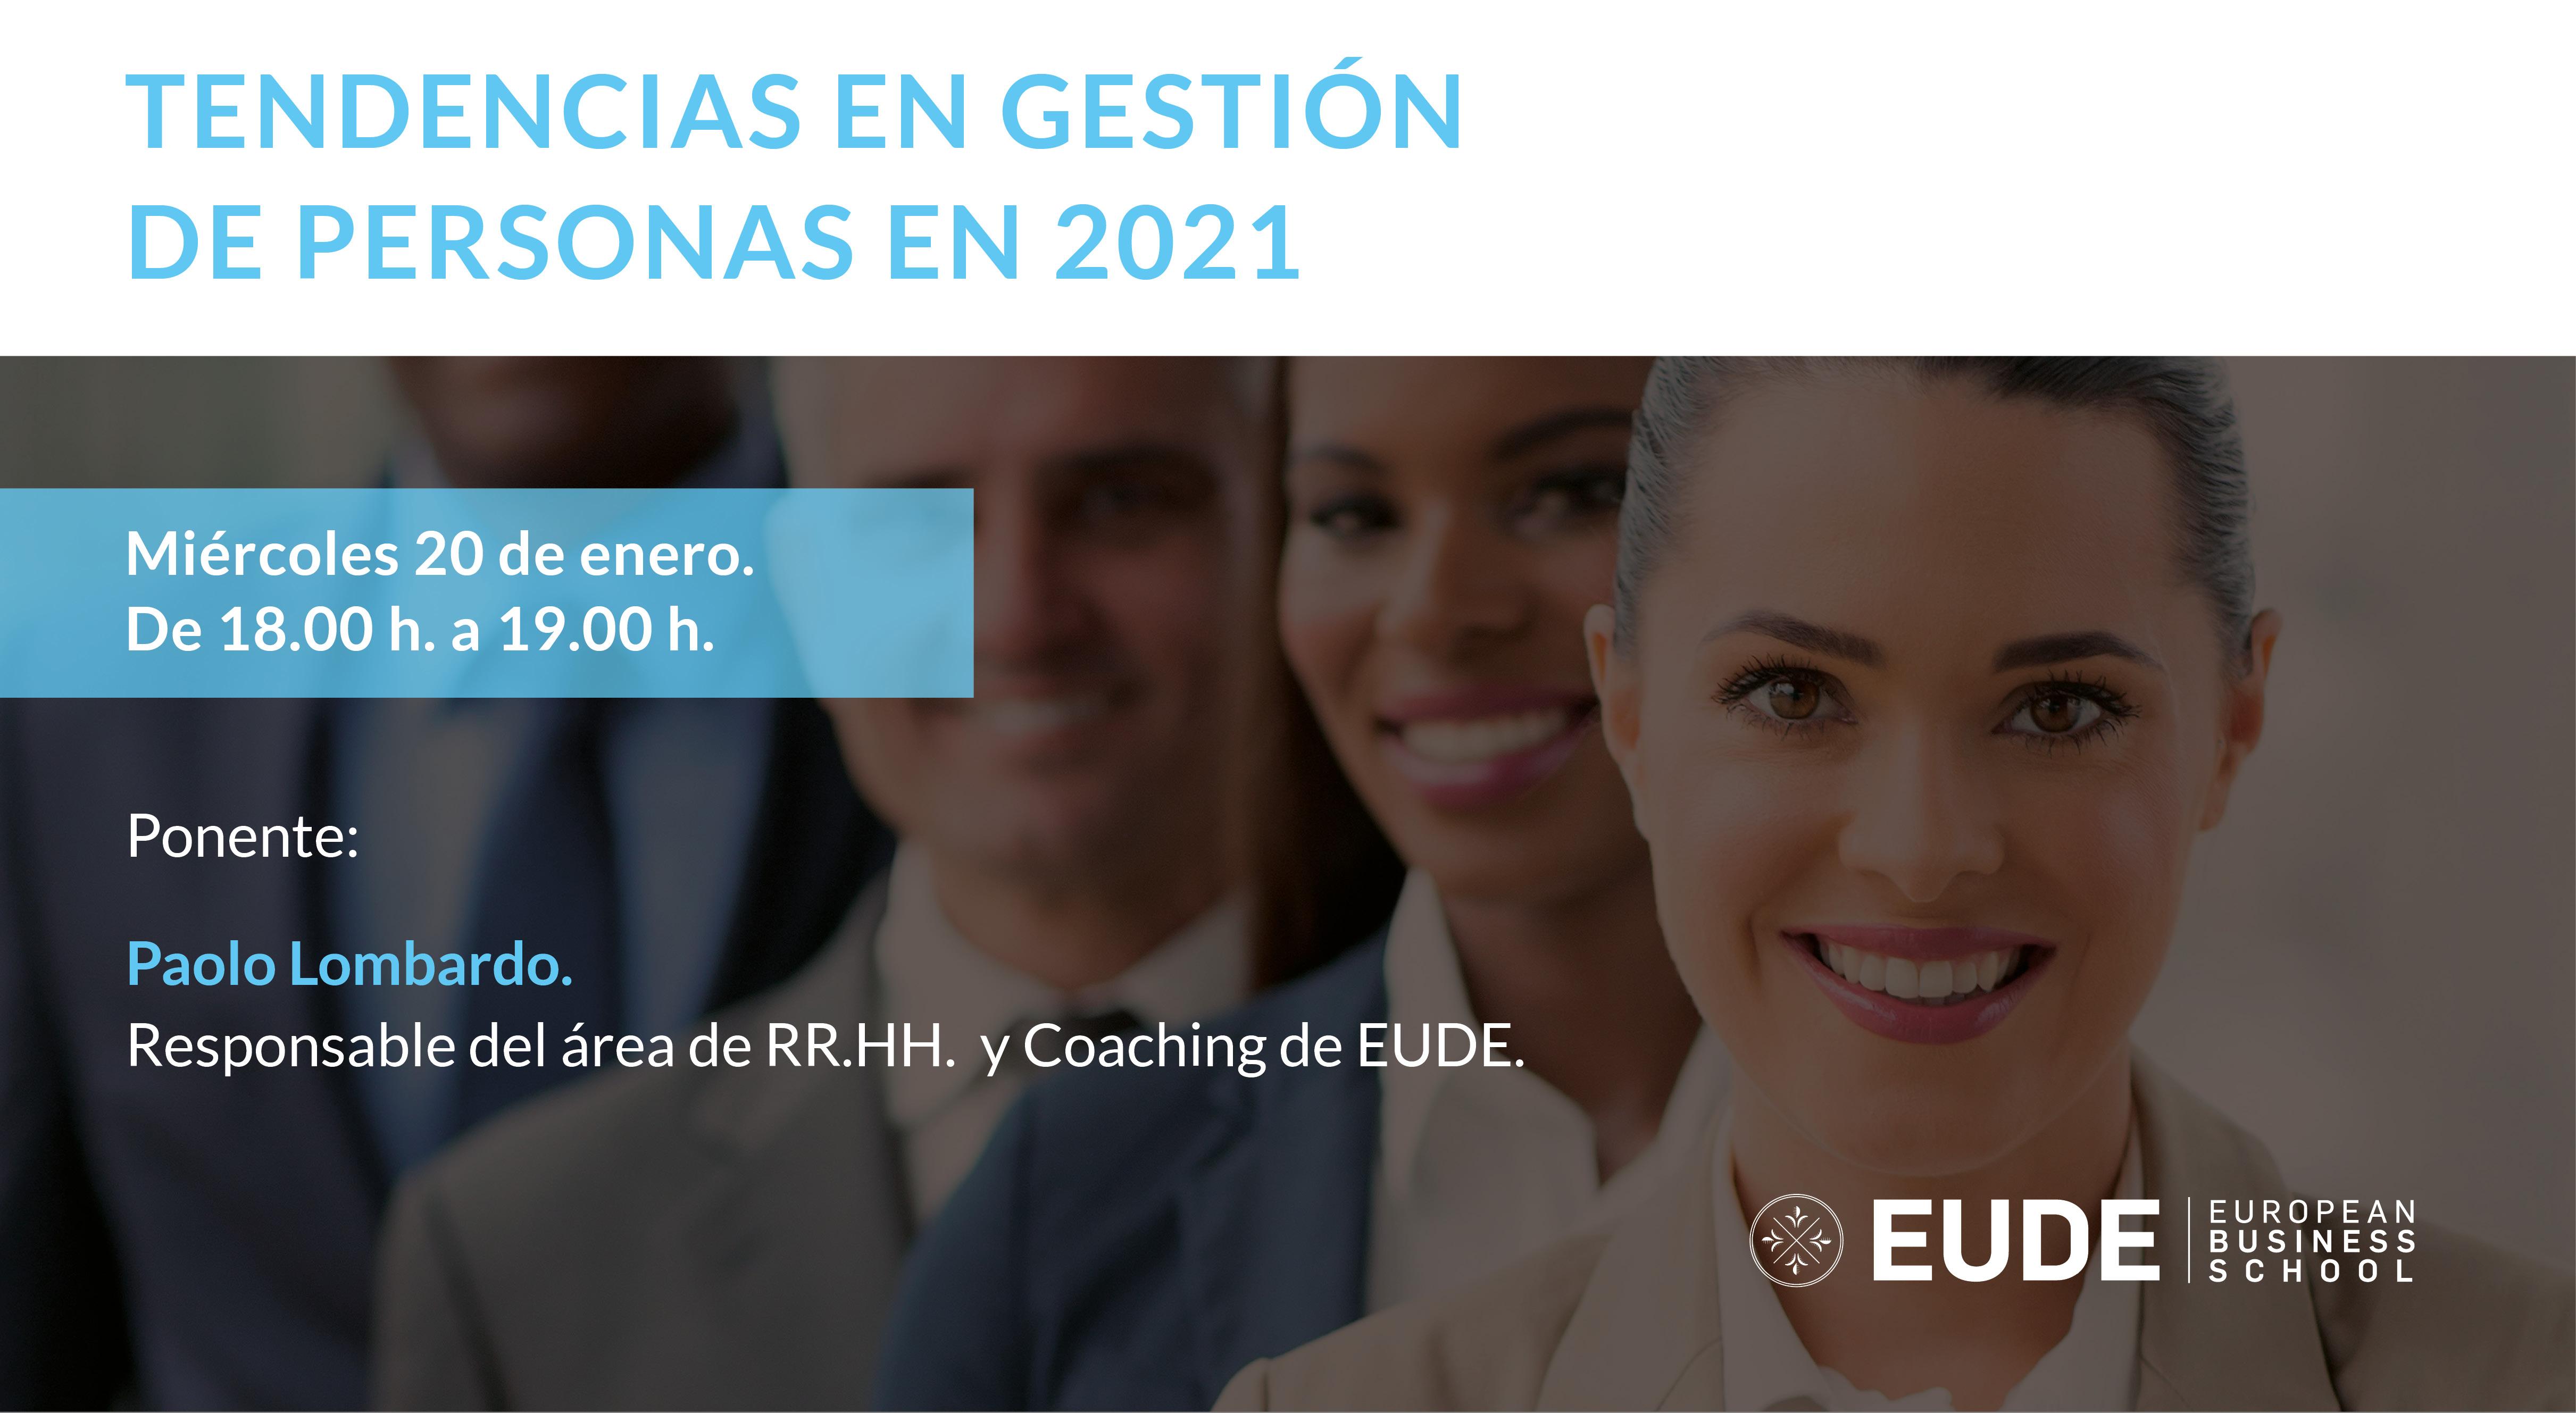 Foto - Webinar   Tendencias en gestión de personas en 2021